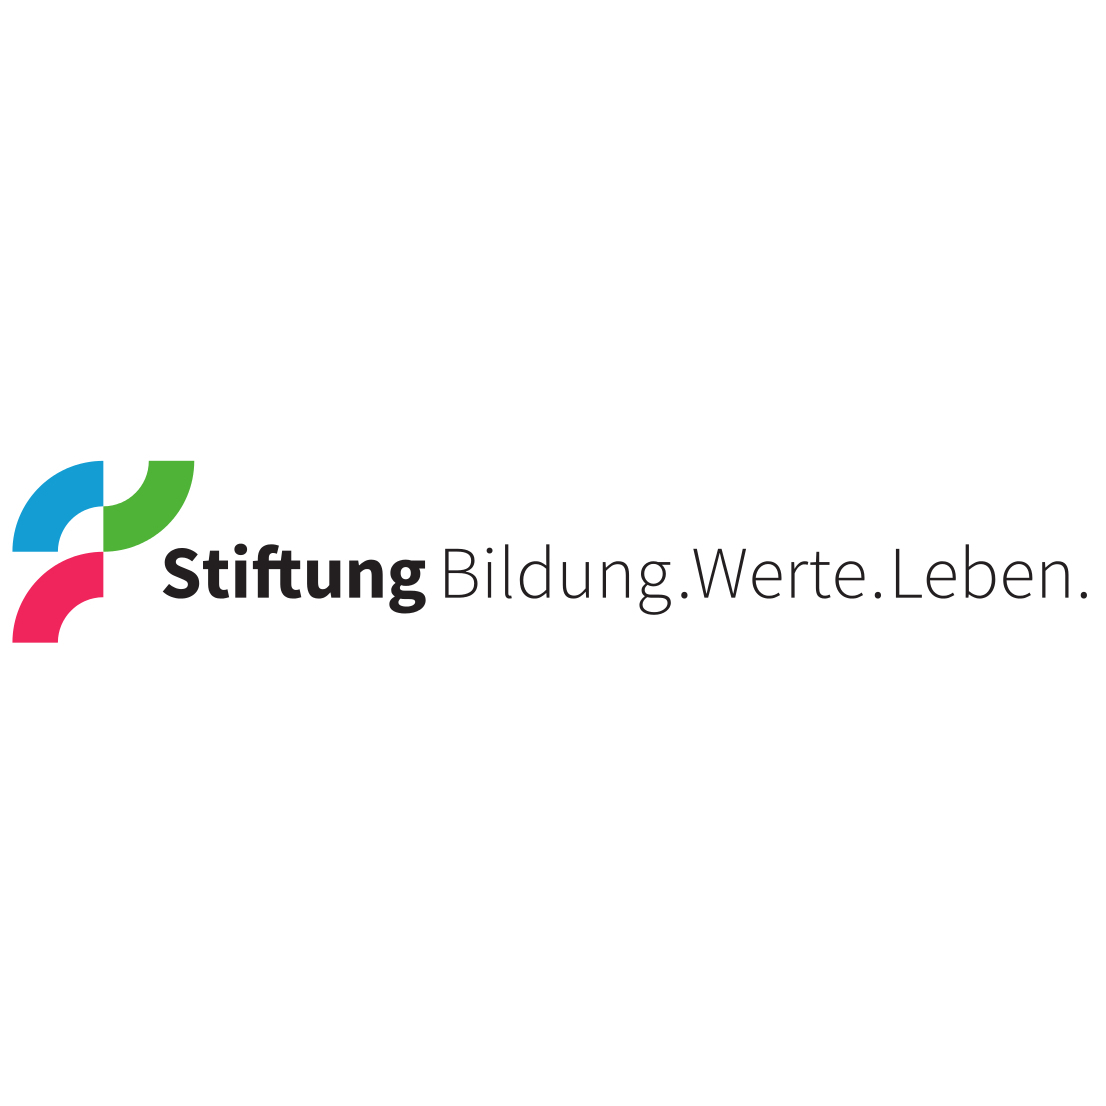 Stiftung Bildung. Werte. Leben.